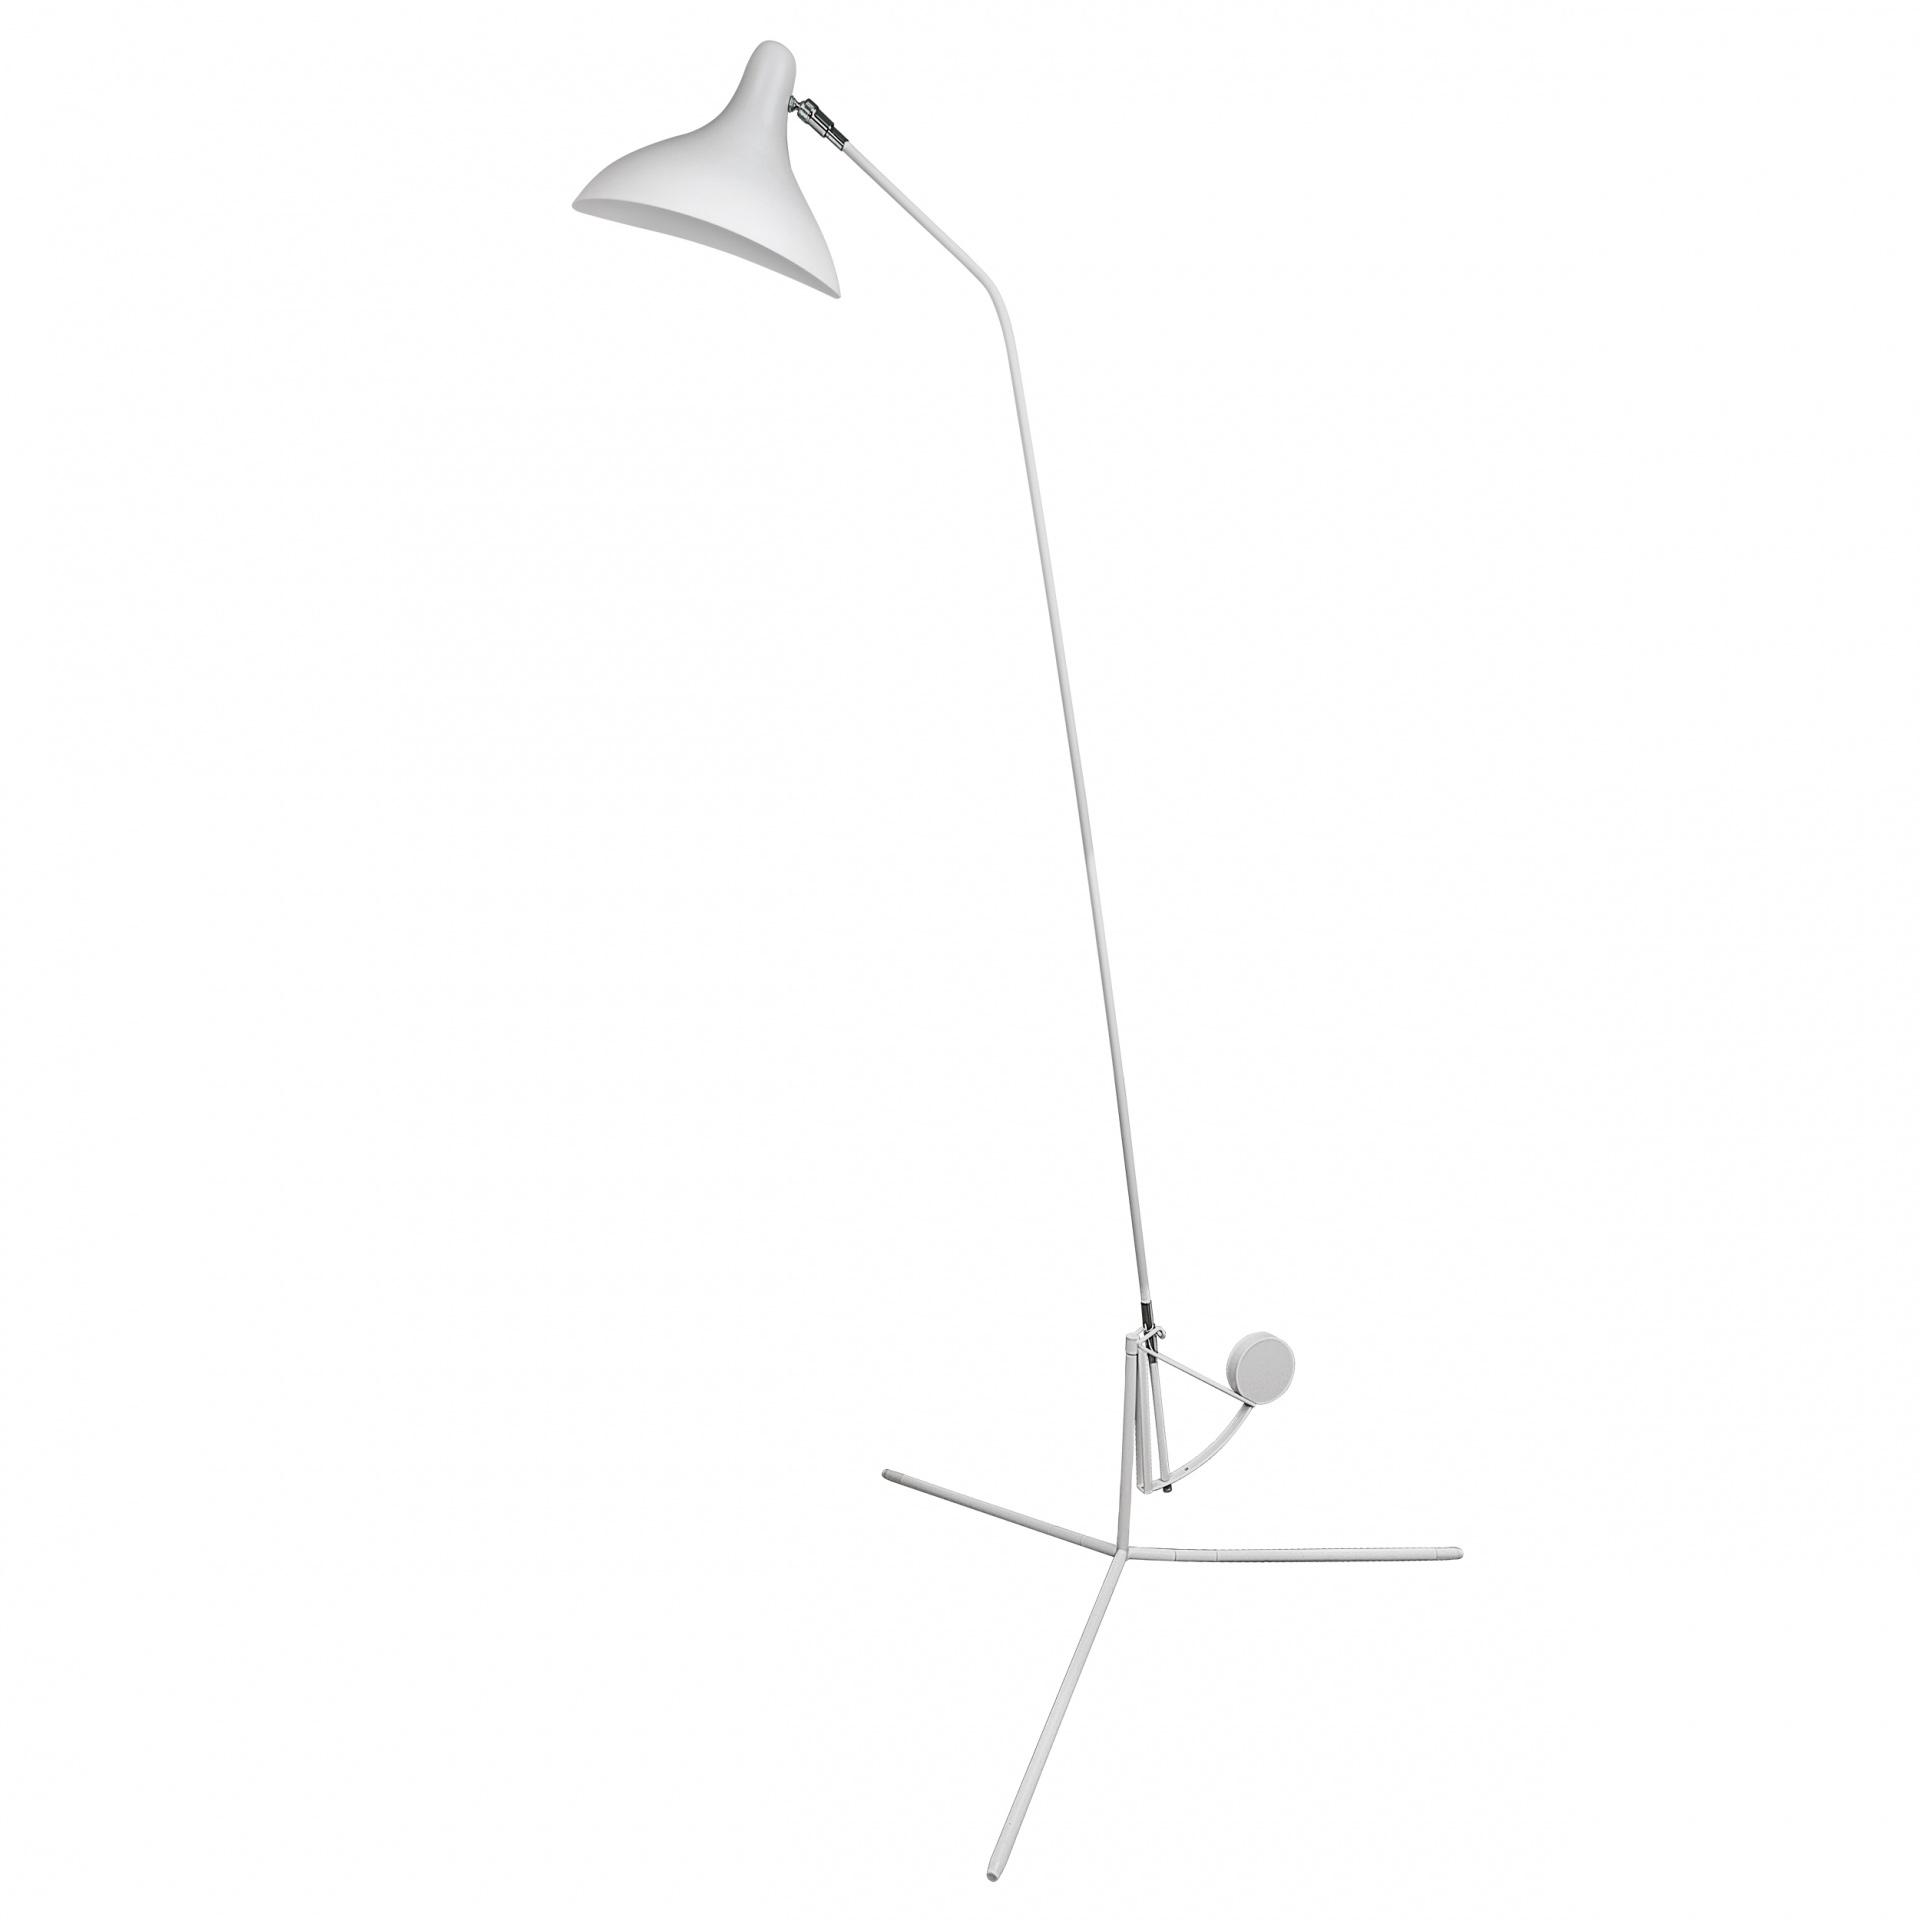 Торшер Manti 1х40W E14 white Lightstar 764716, купить в СПб, Москве, с доставкой, Санкт-Петербург, интернет-магазин люстр и светильников Starlight, фото в жизни